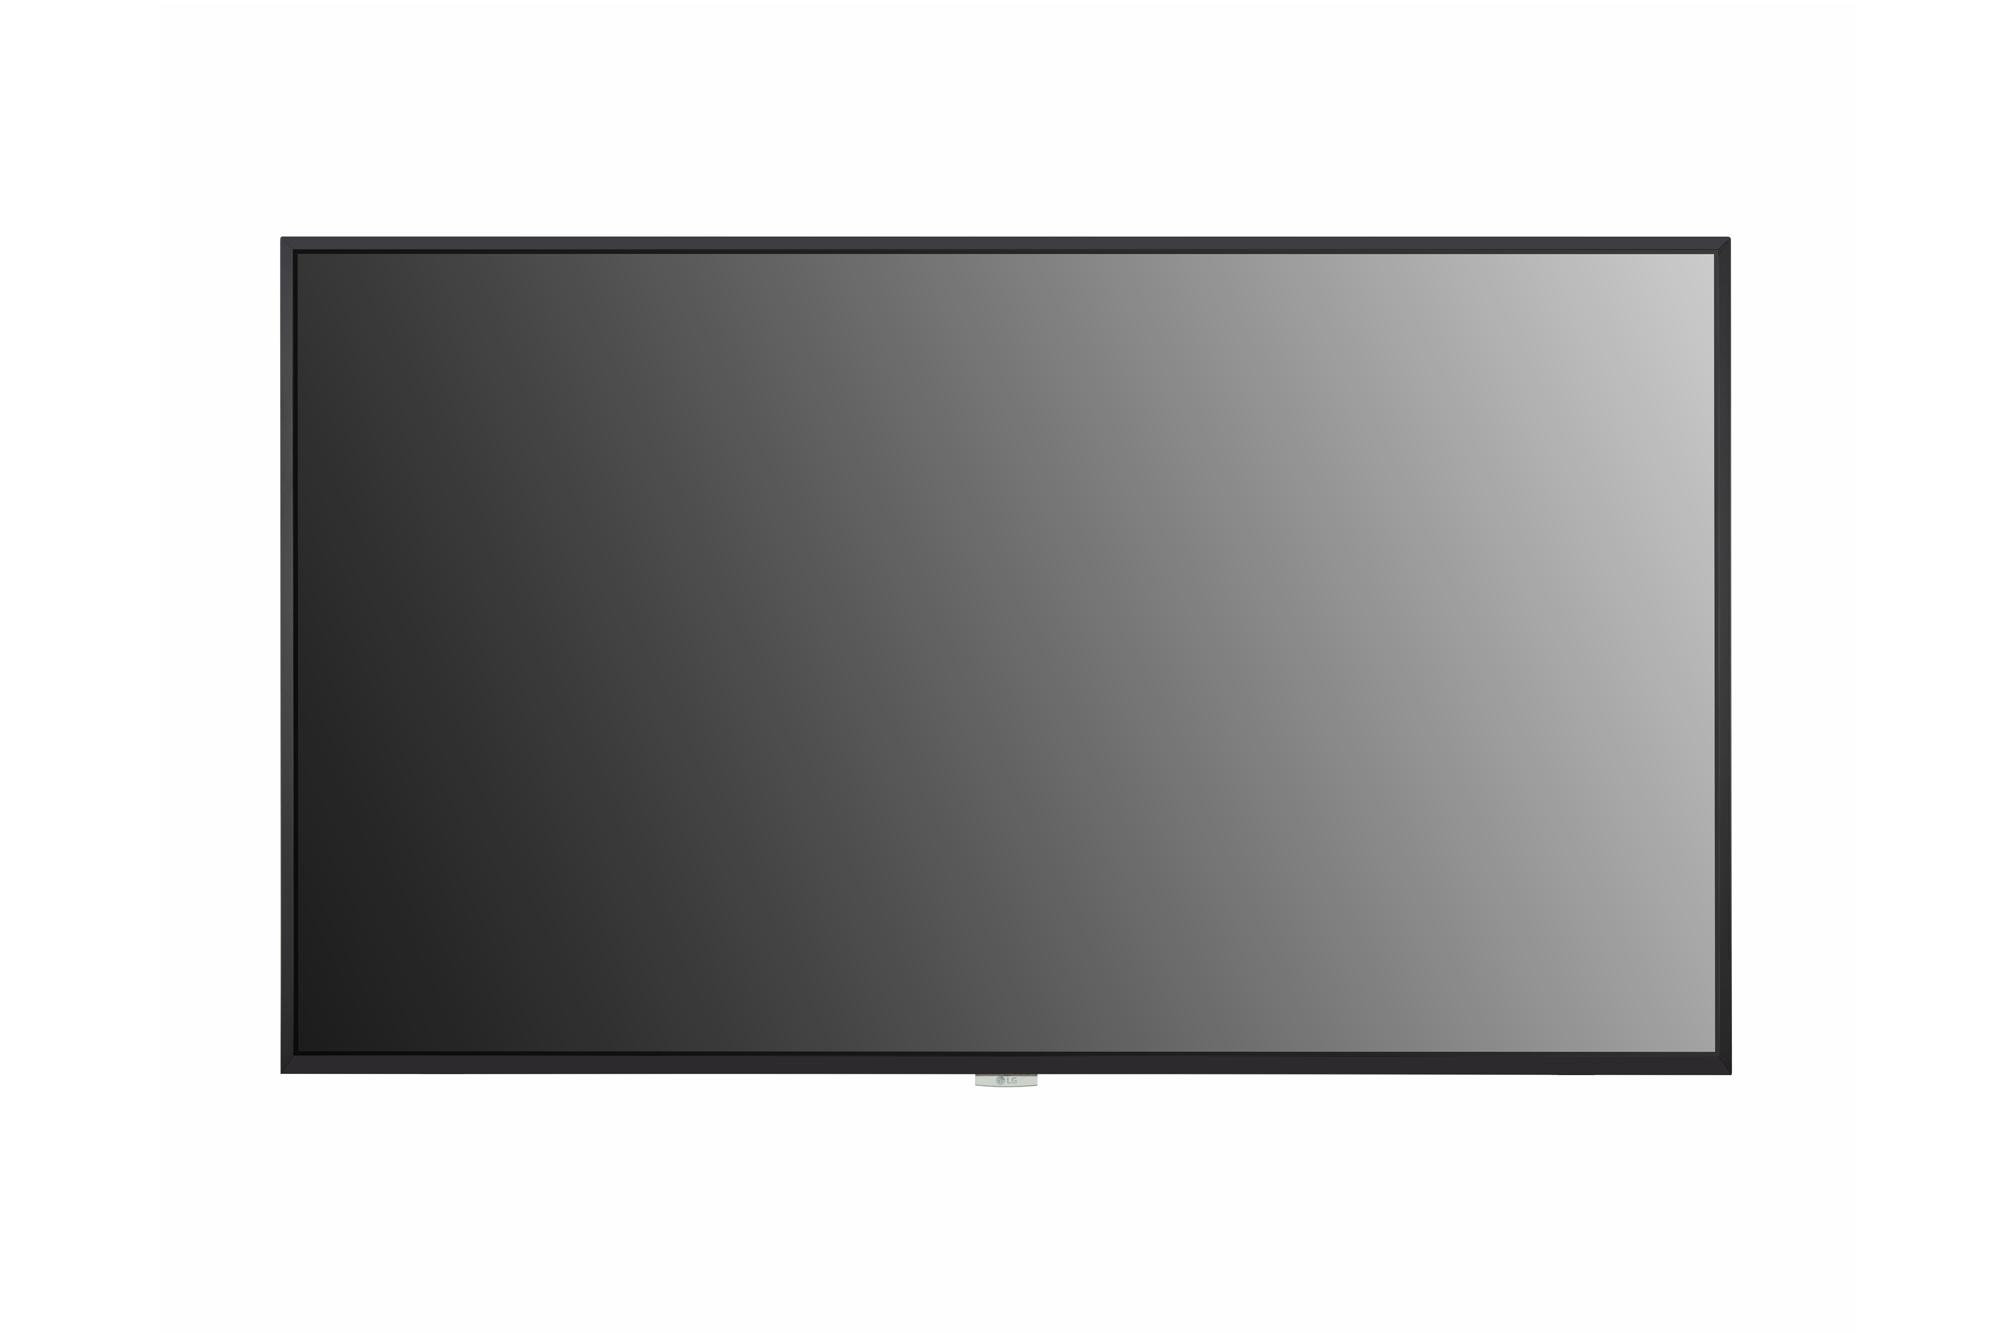 LG Standard Premium 65UH5F-B 2